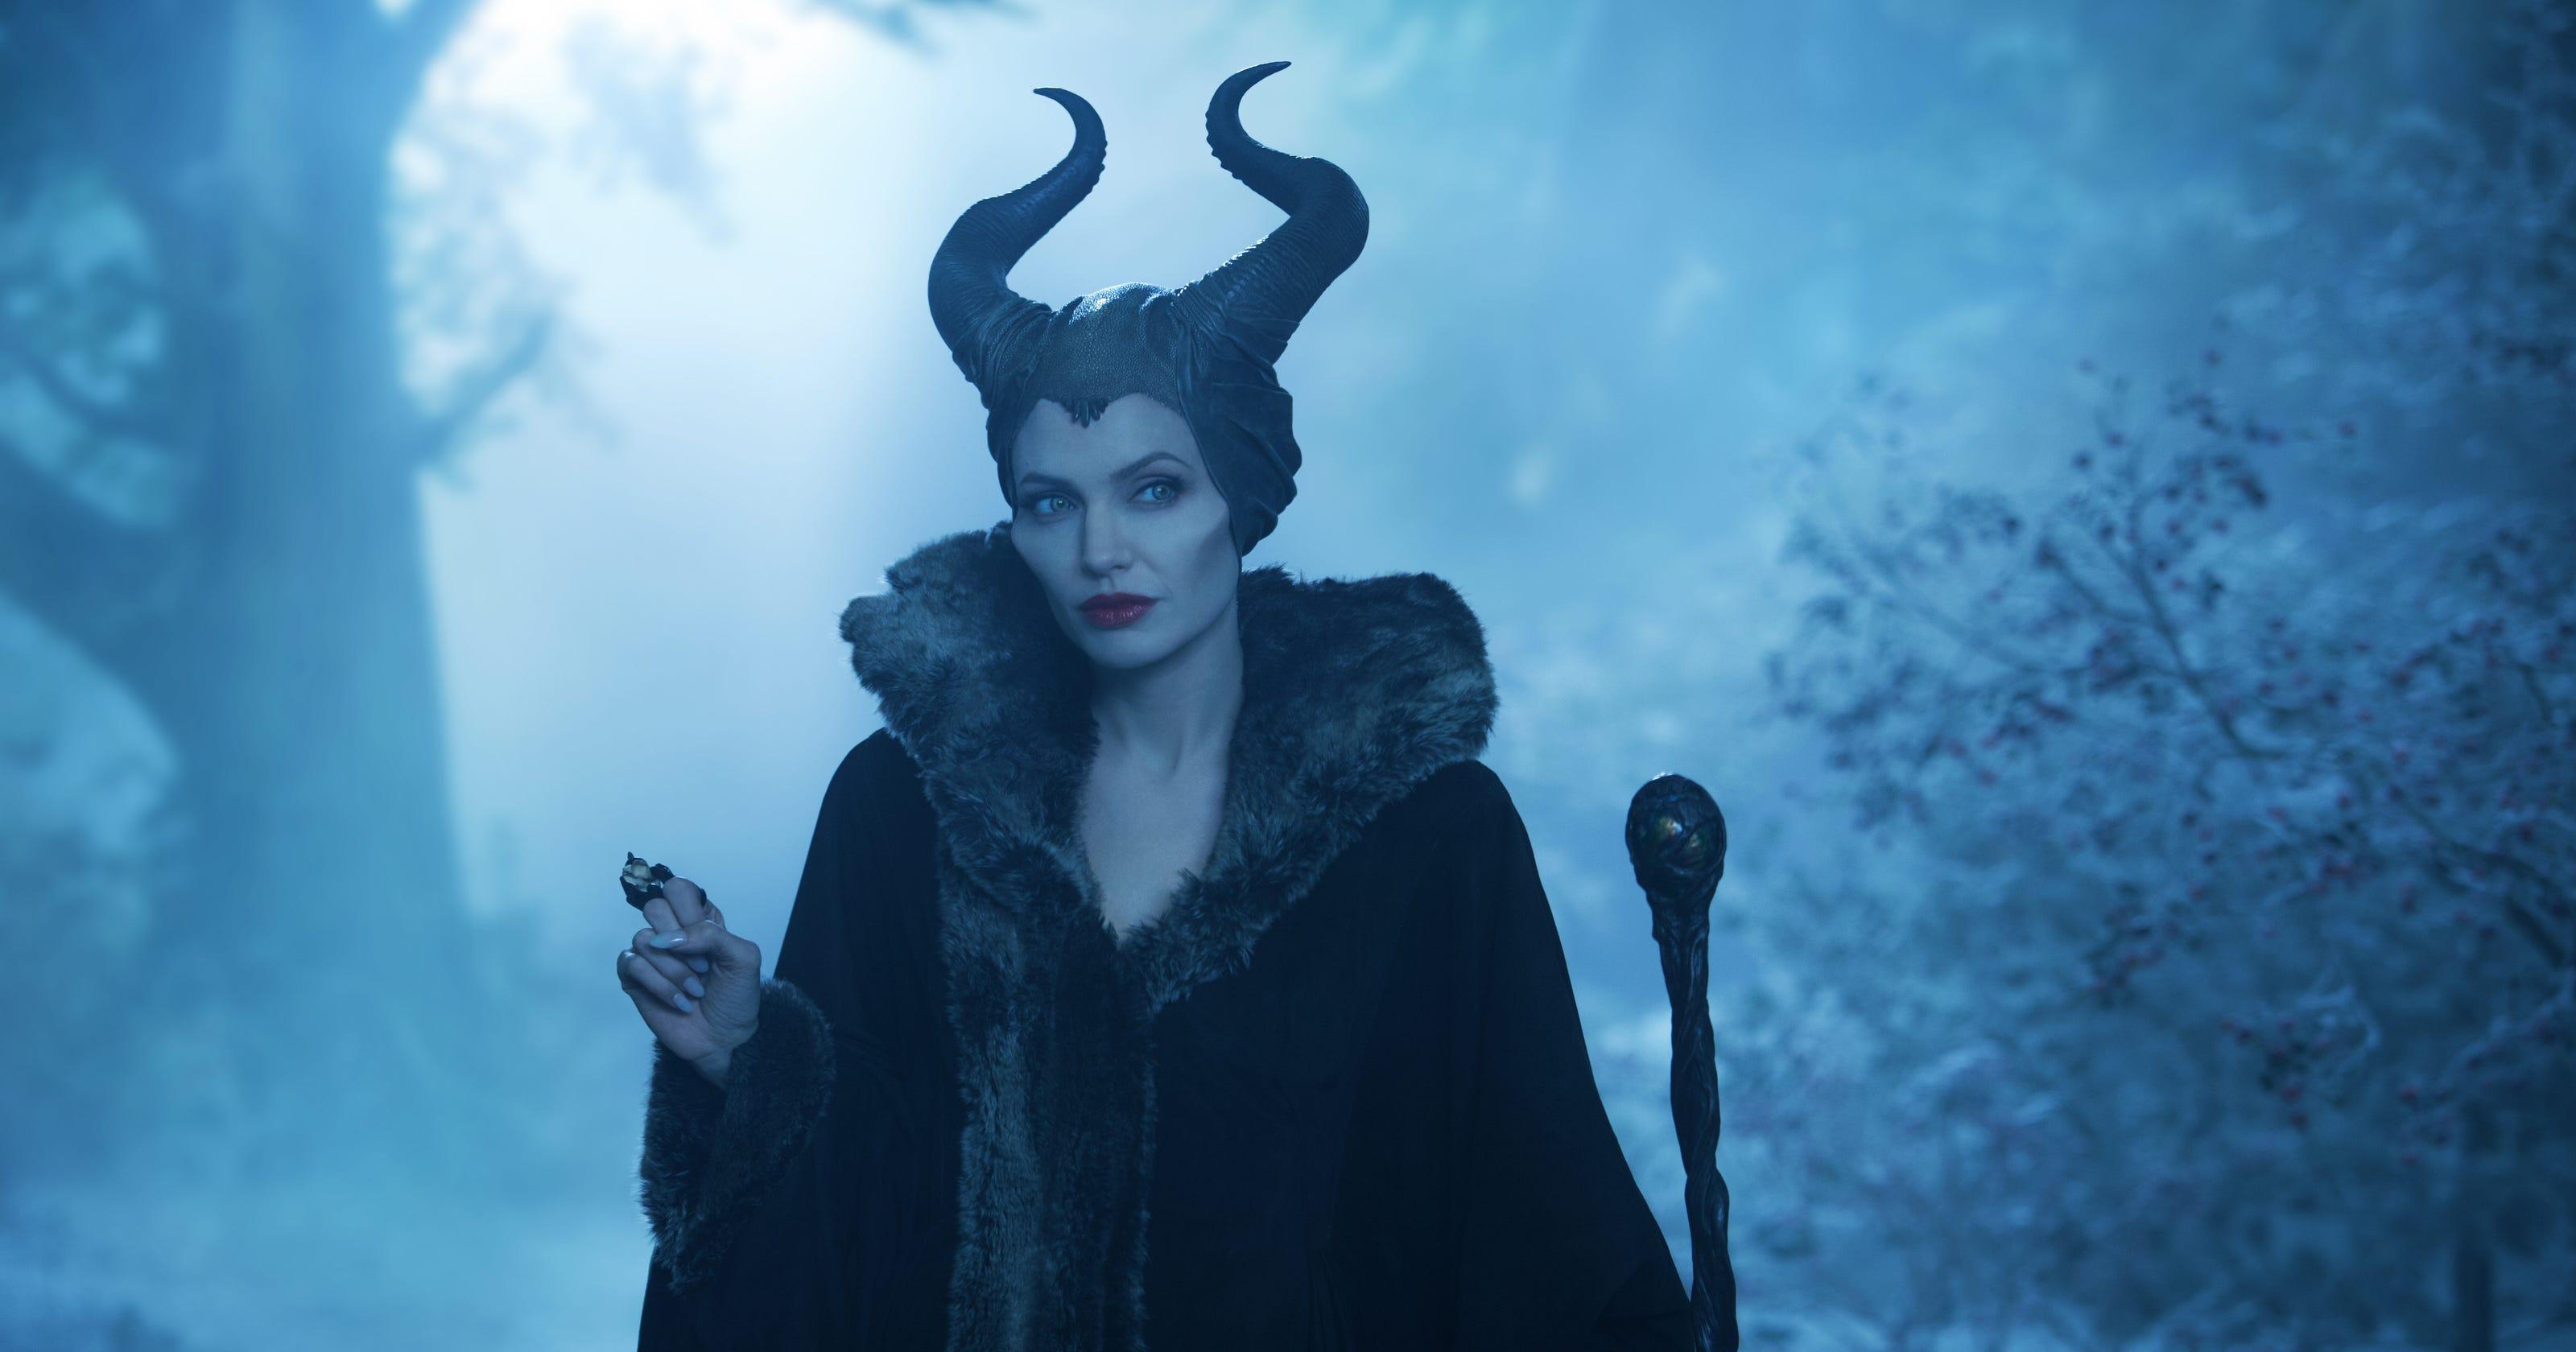 《黑魔女2》預告来了!Angelina强势回归「初代黄蜂女」加入新角色看头十足!